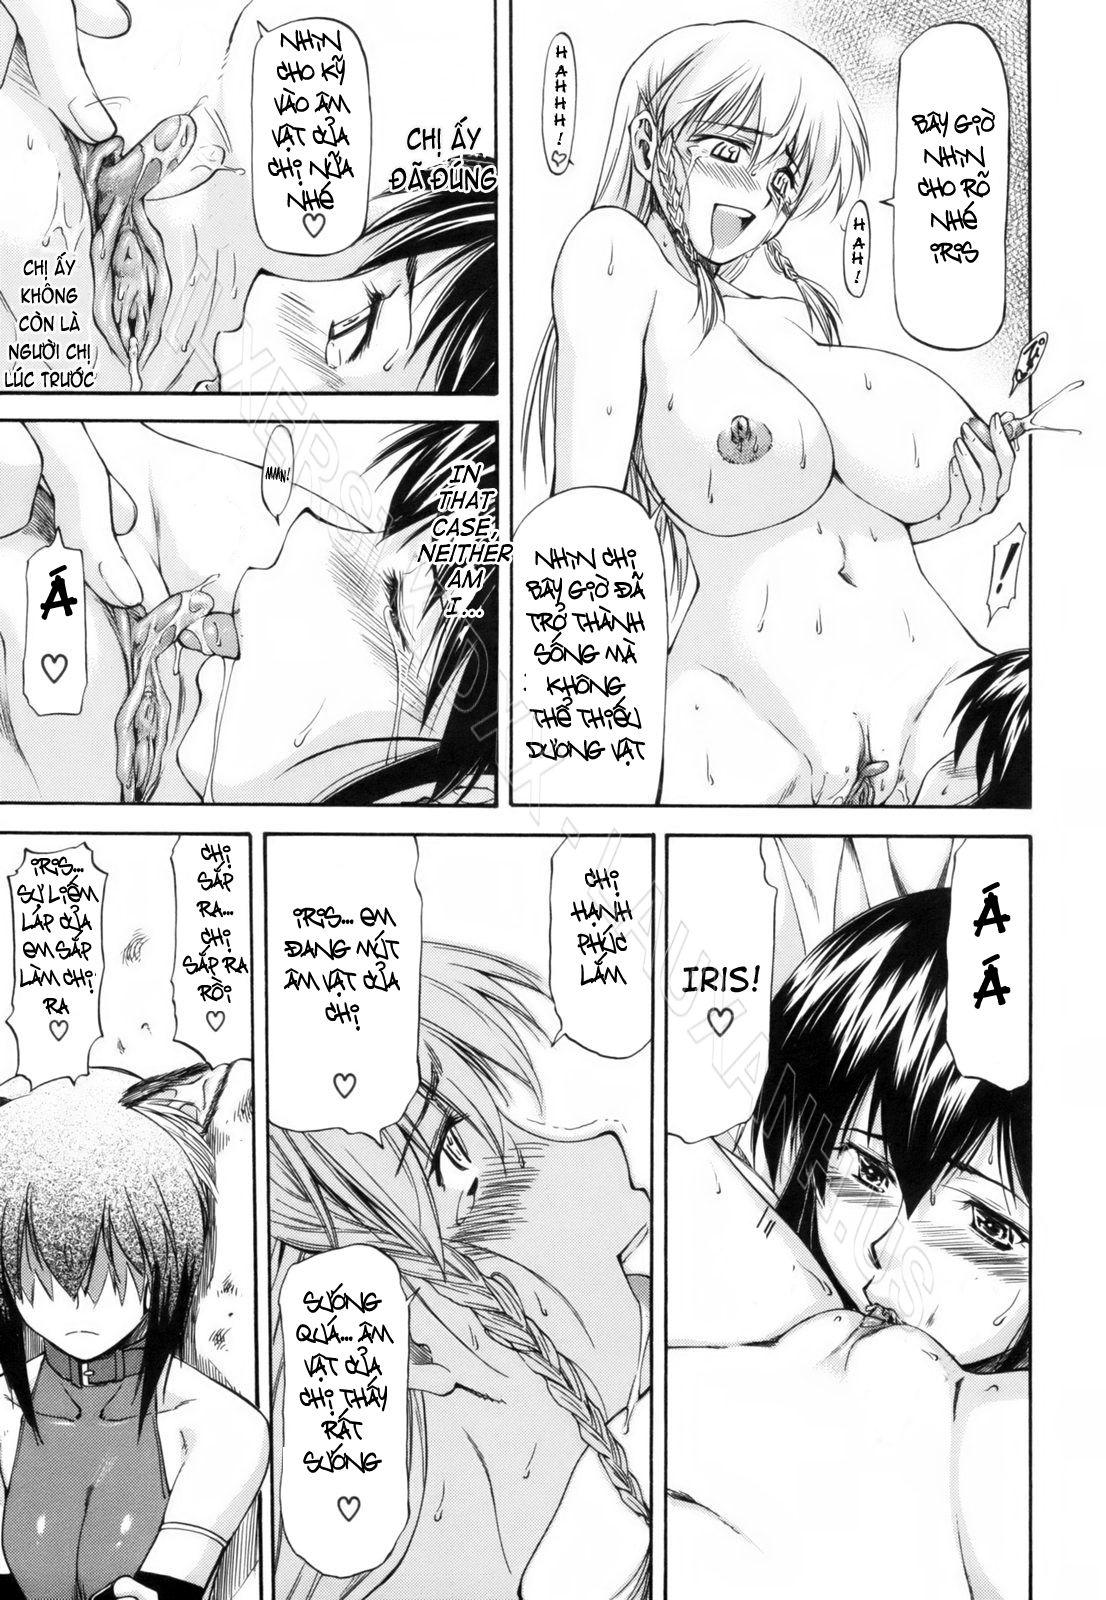 Hình ảnh Hinh_008 in Truyện tranh hentai không che: Parabellum